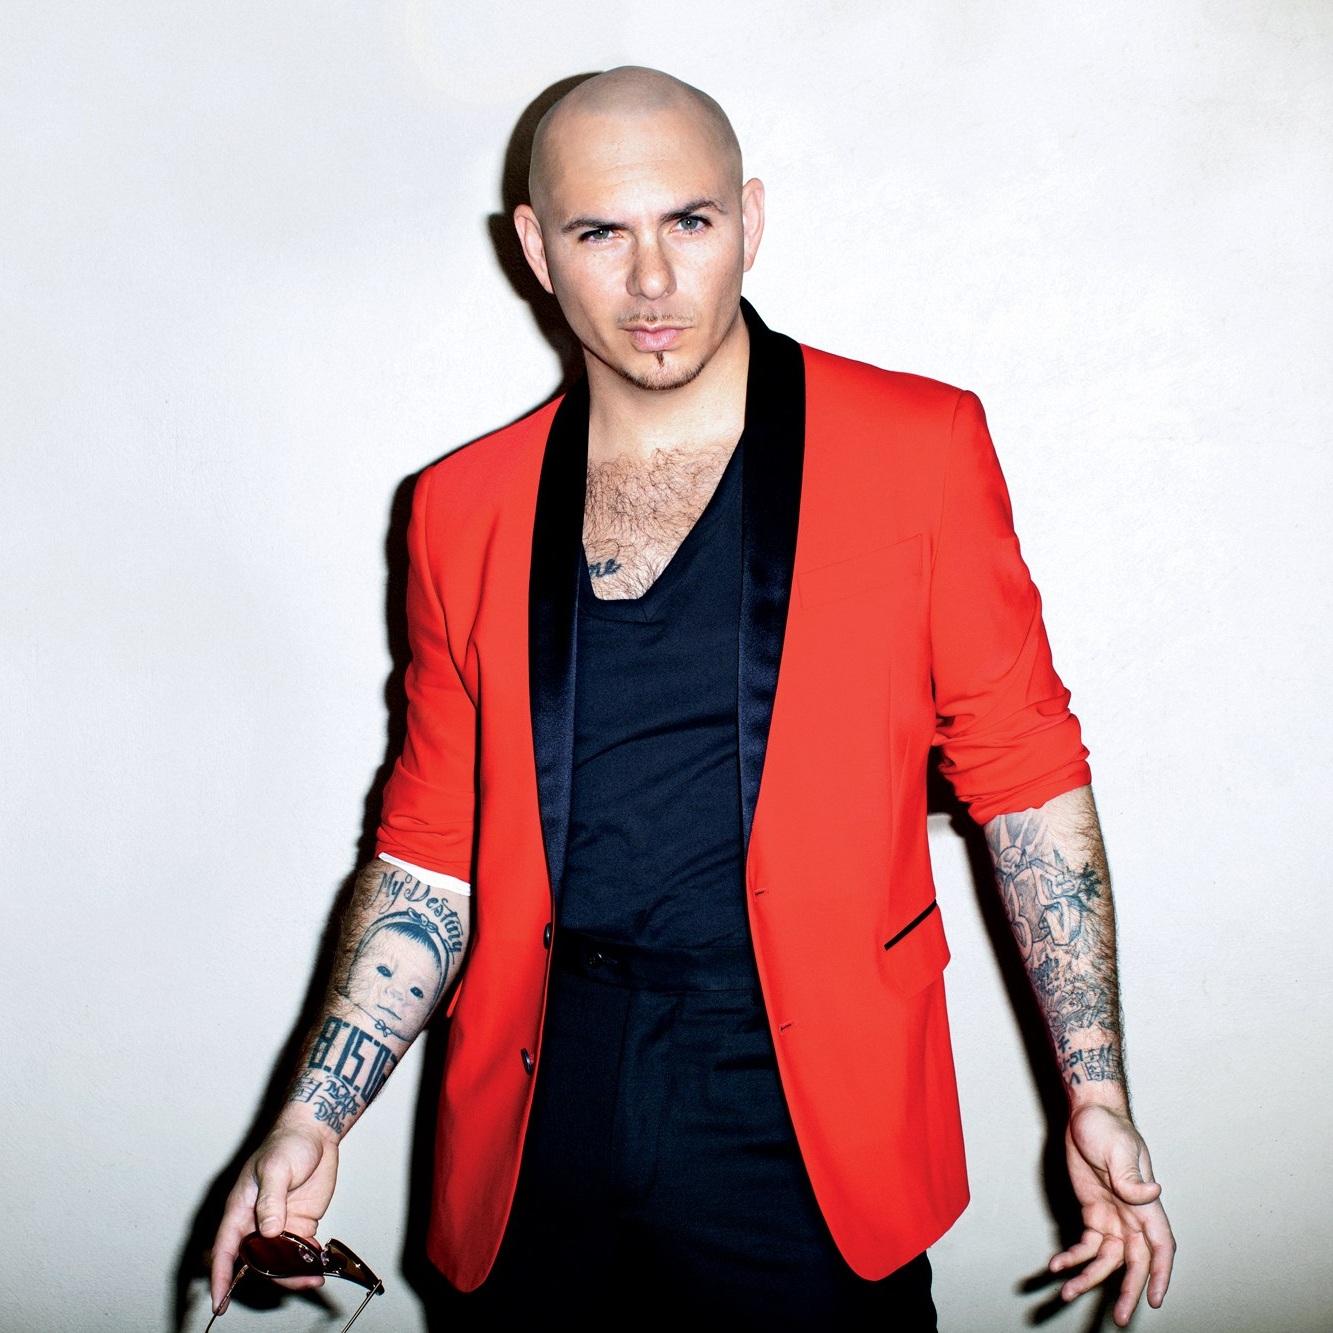 Inner Light Yoga Nashville Pitbull Hip Hop Pop Music